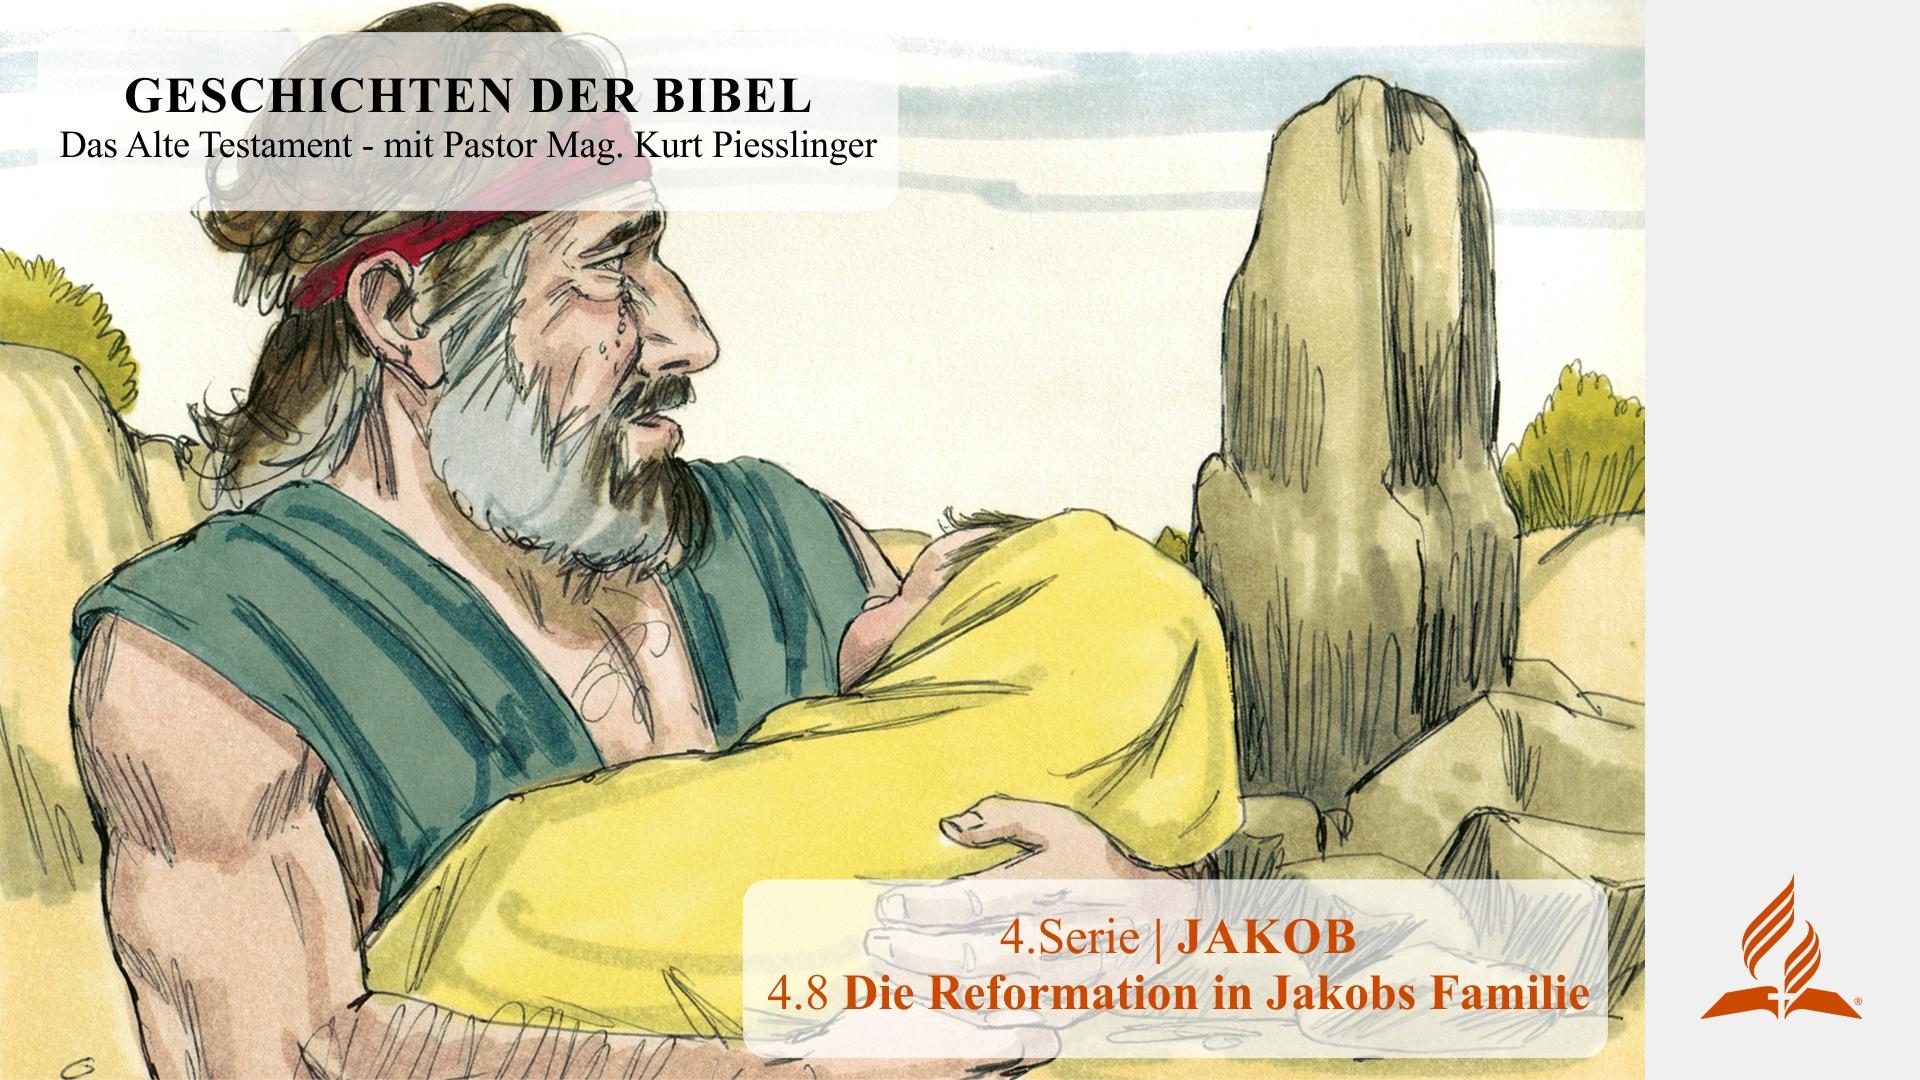 GESCHICHTEN DER BIBEL: 4.8 Die Reformation in Jakobs Familie – 4.JAKOB | Pastor Kurt Piesslinger